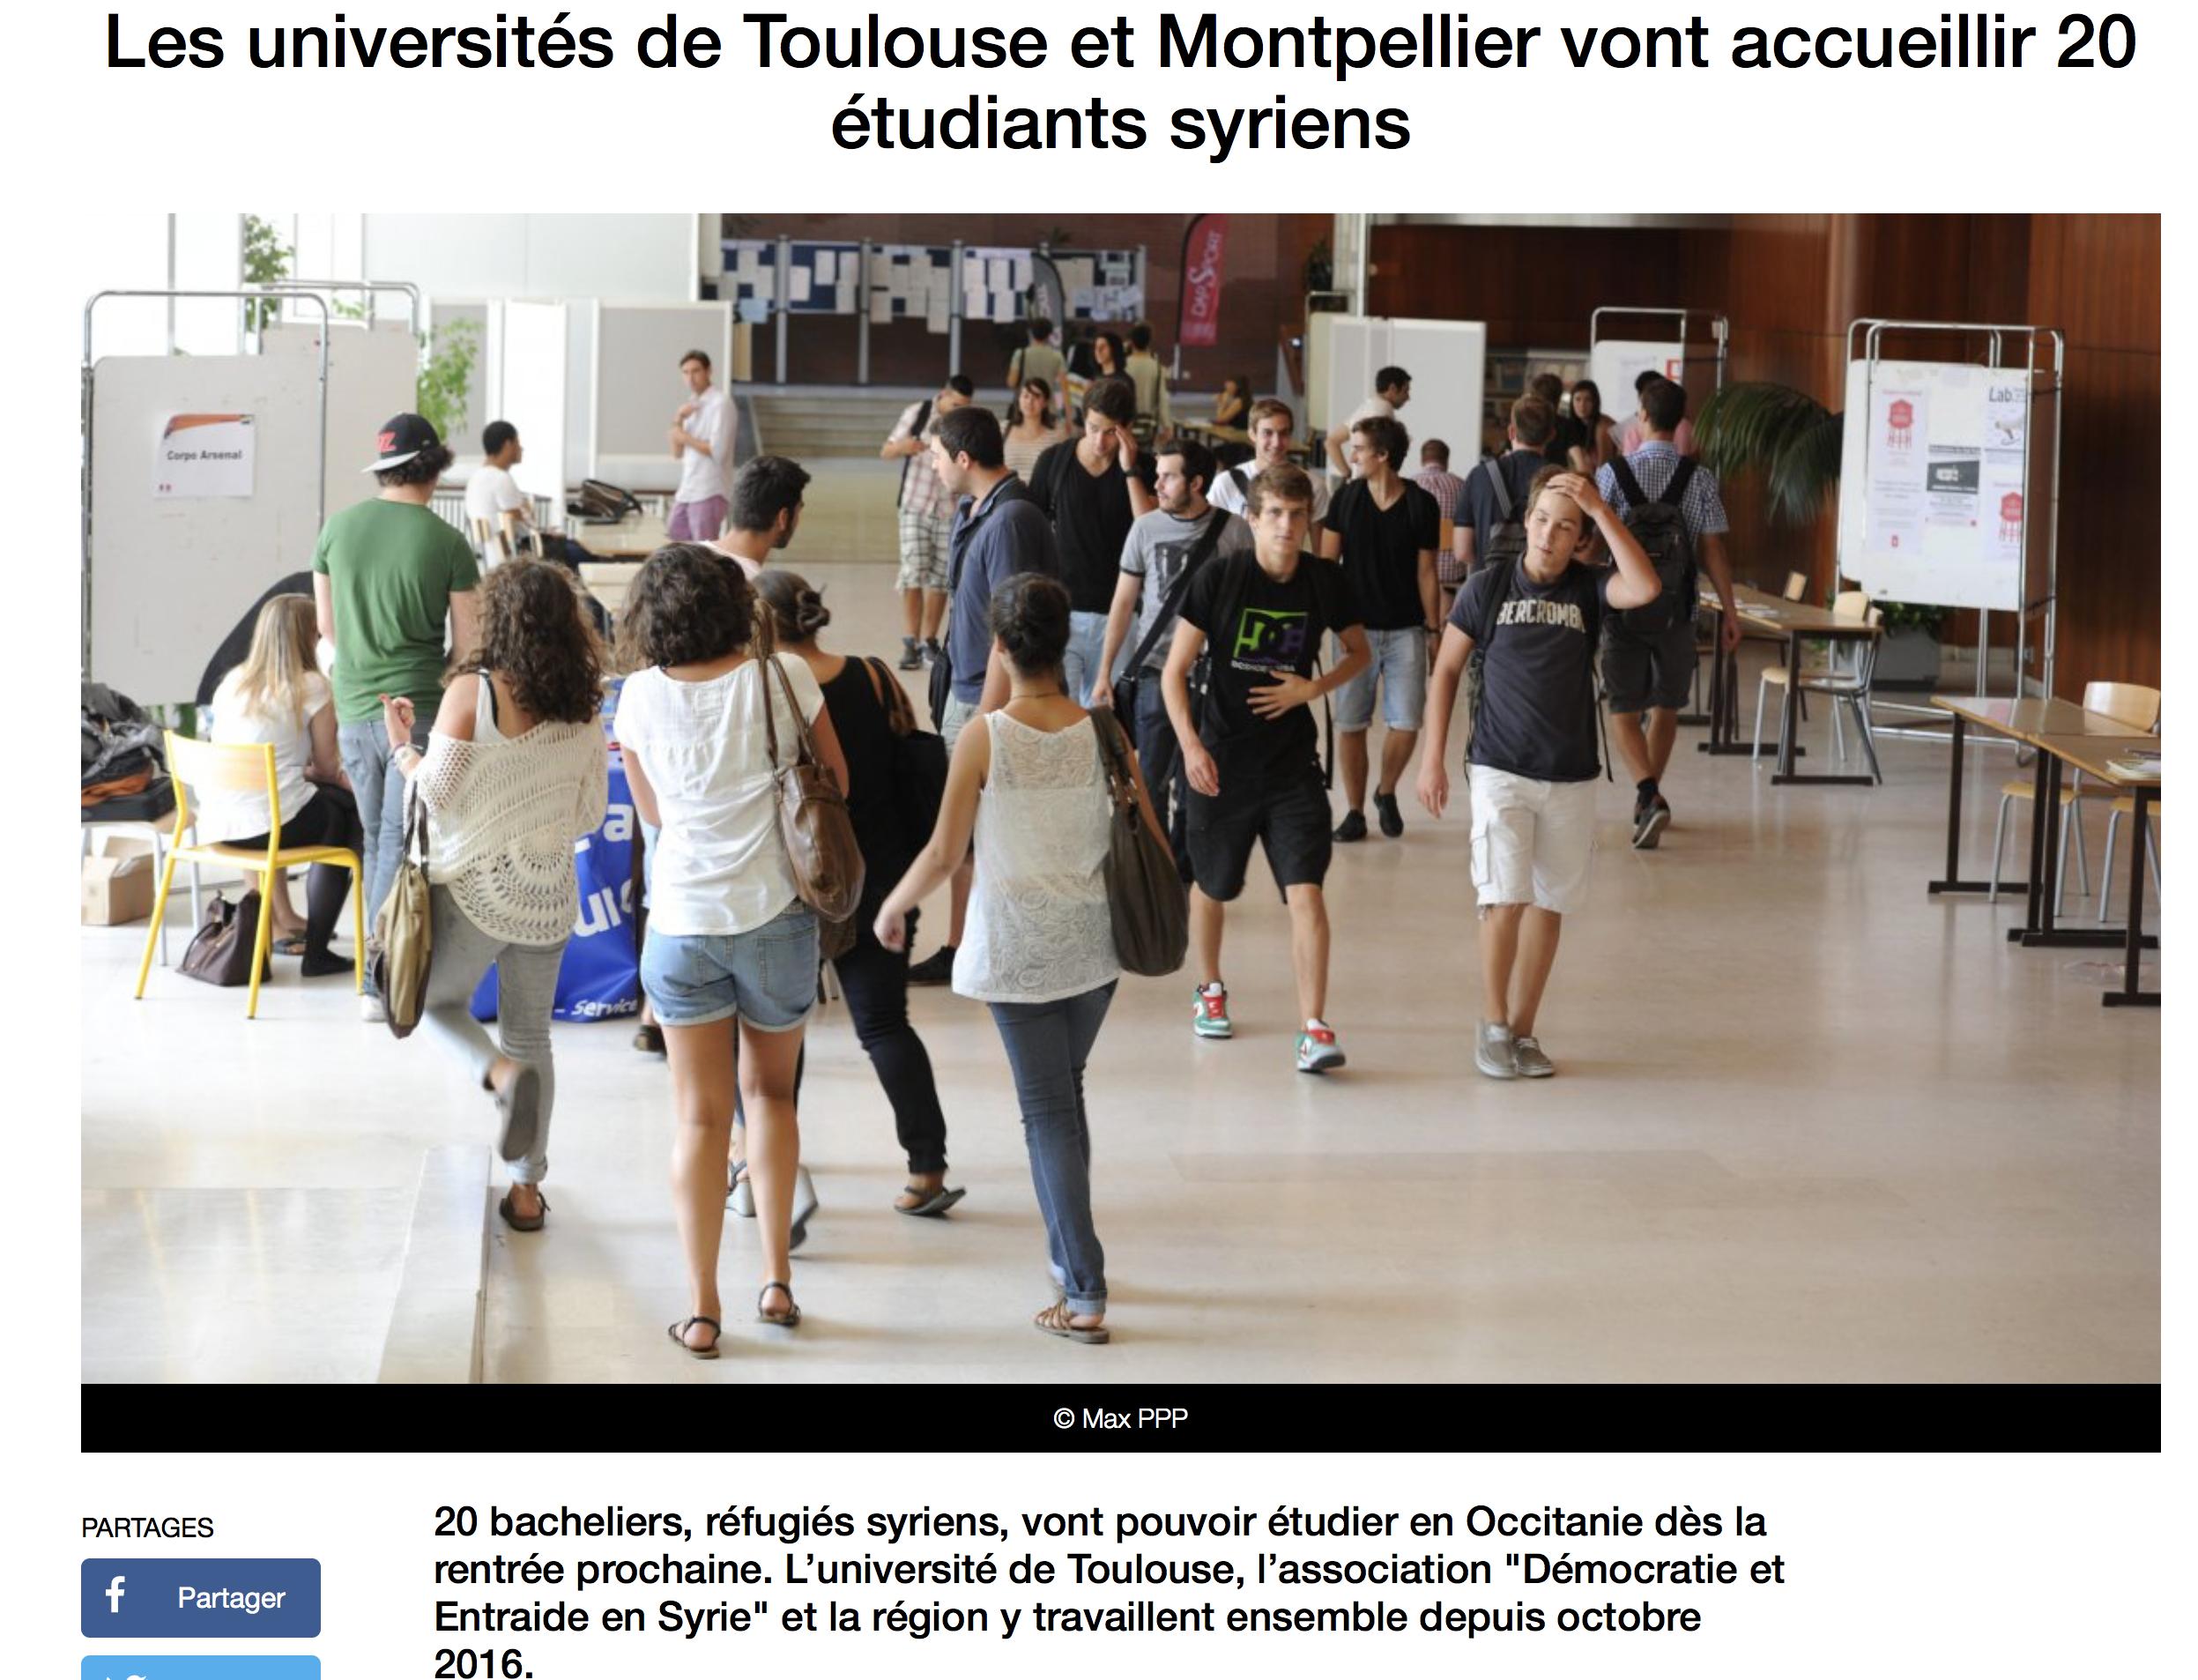 Occitanie : Delga offre la fac aux migrants syriens et en chasse nos enfants